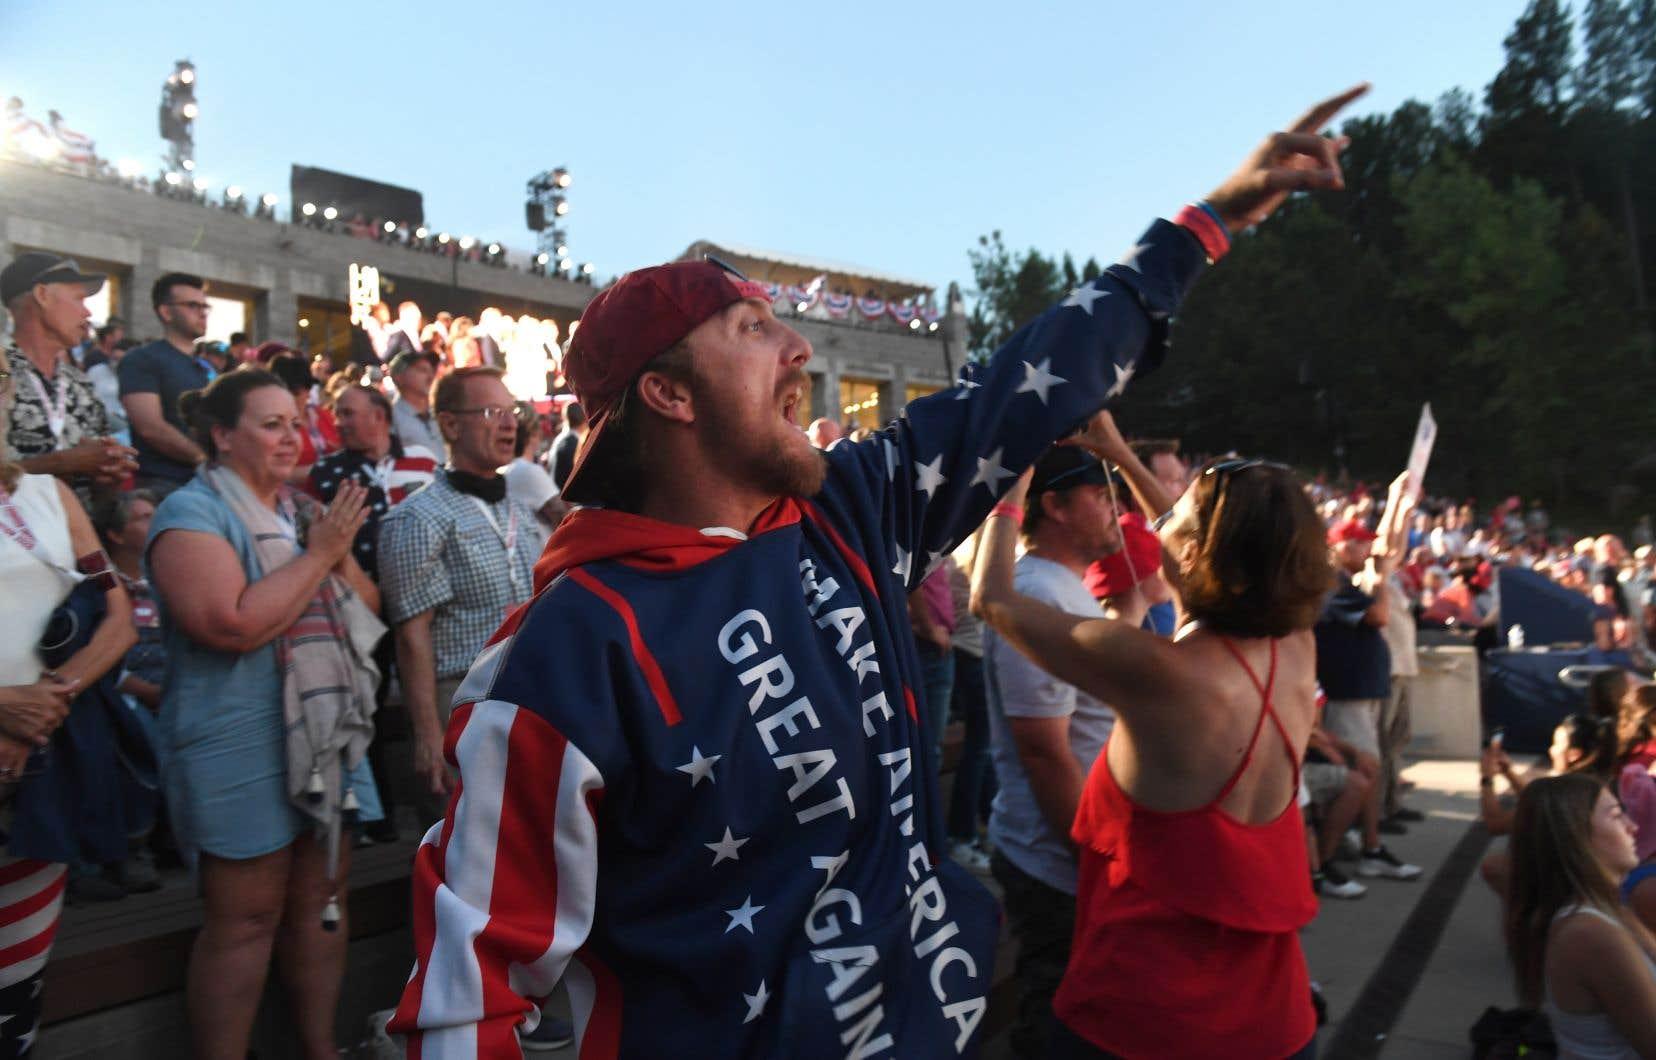 Une importante foule était entassée au pied du mont Rushmore, vendredi, à l'occasion d'un rassemblement partisan tenu par le président Trump à la veille de la fête nationale américaine. Le port du masque n'y était pas obligatoire.